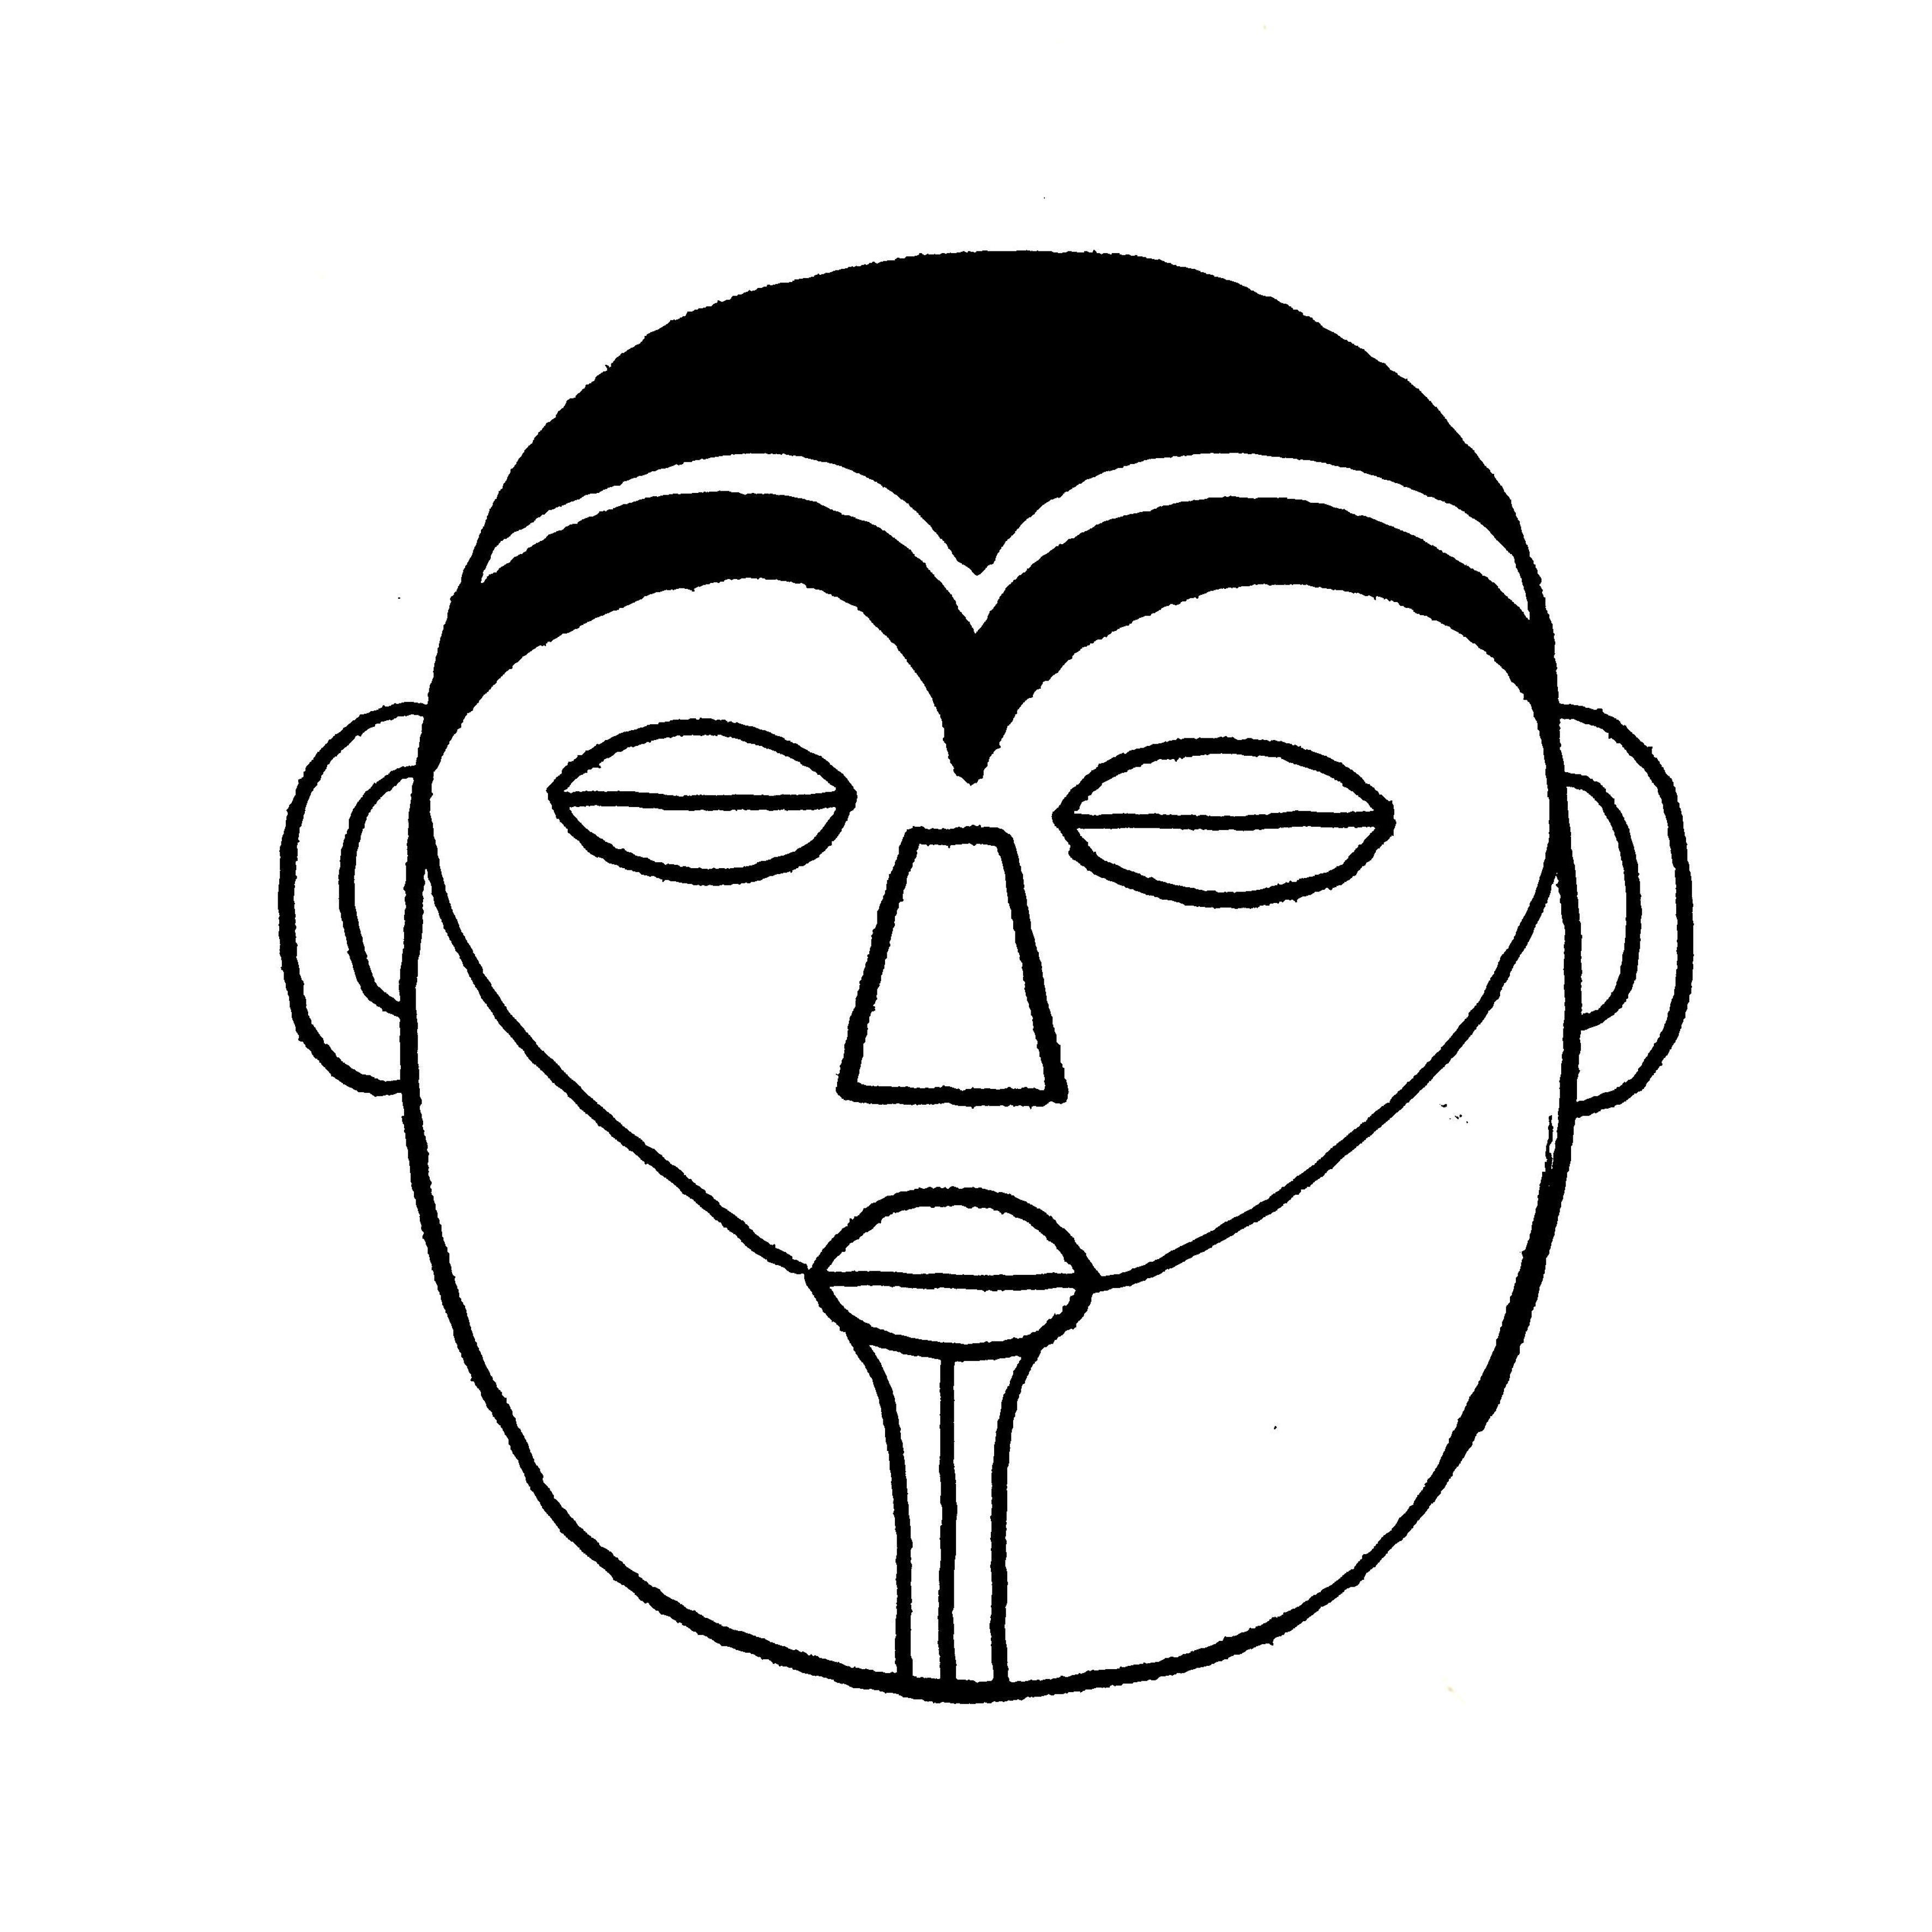 Ressources ducatives libres les - Dessin de masque africain ...